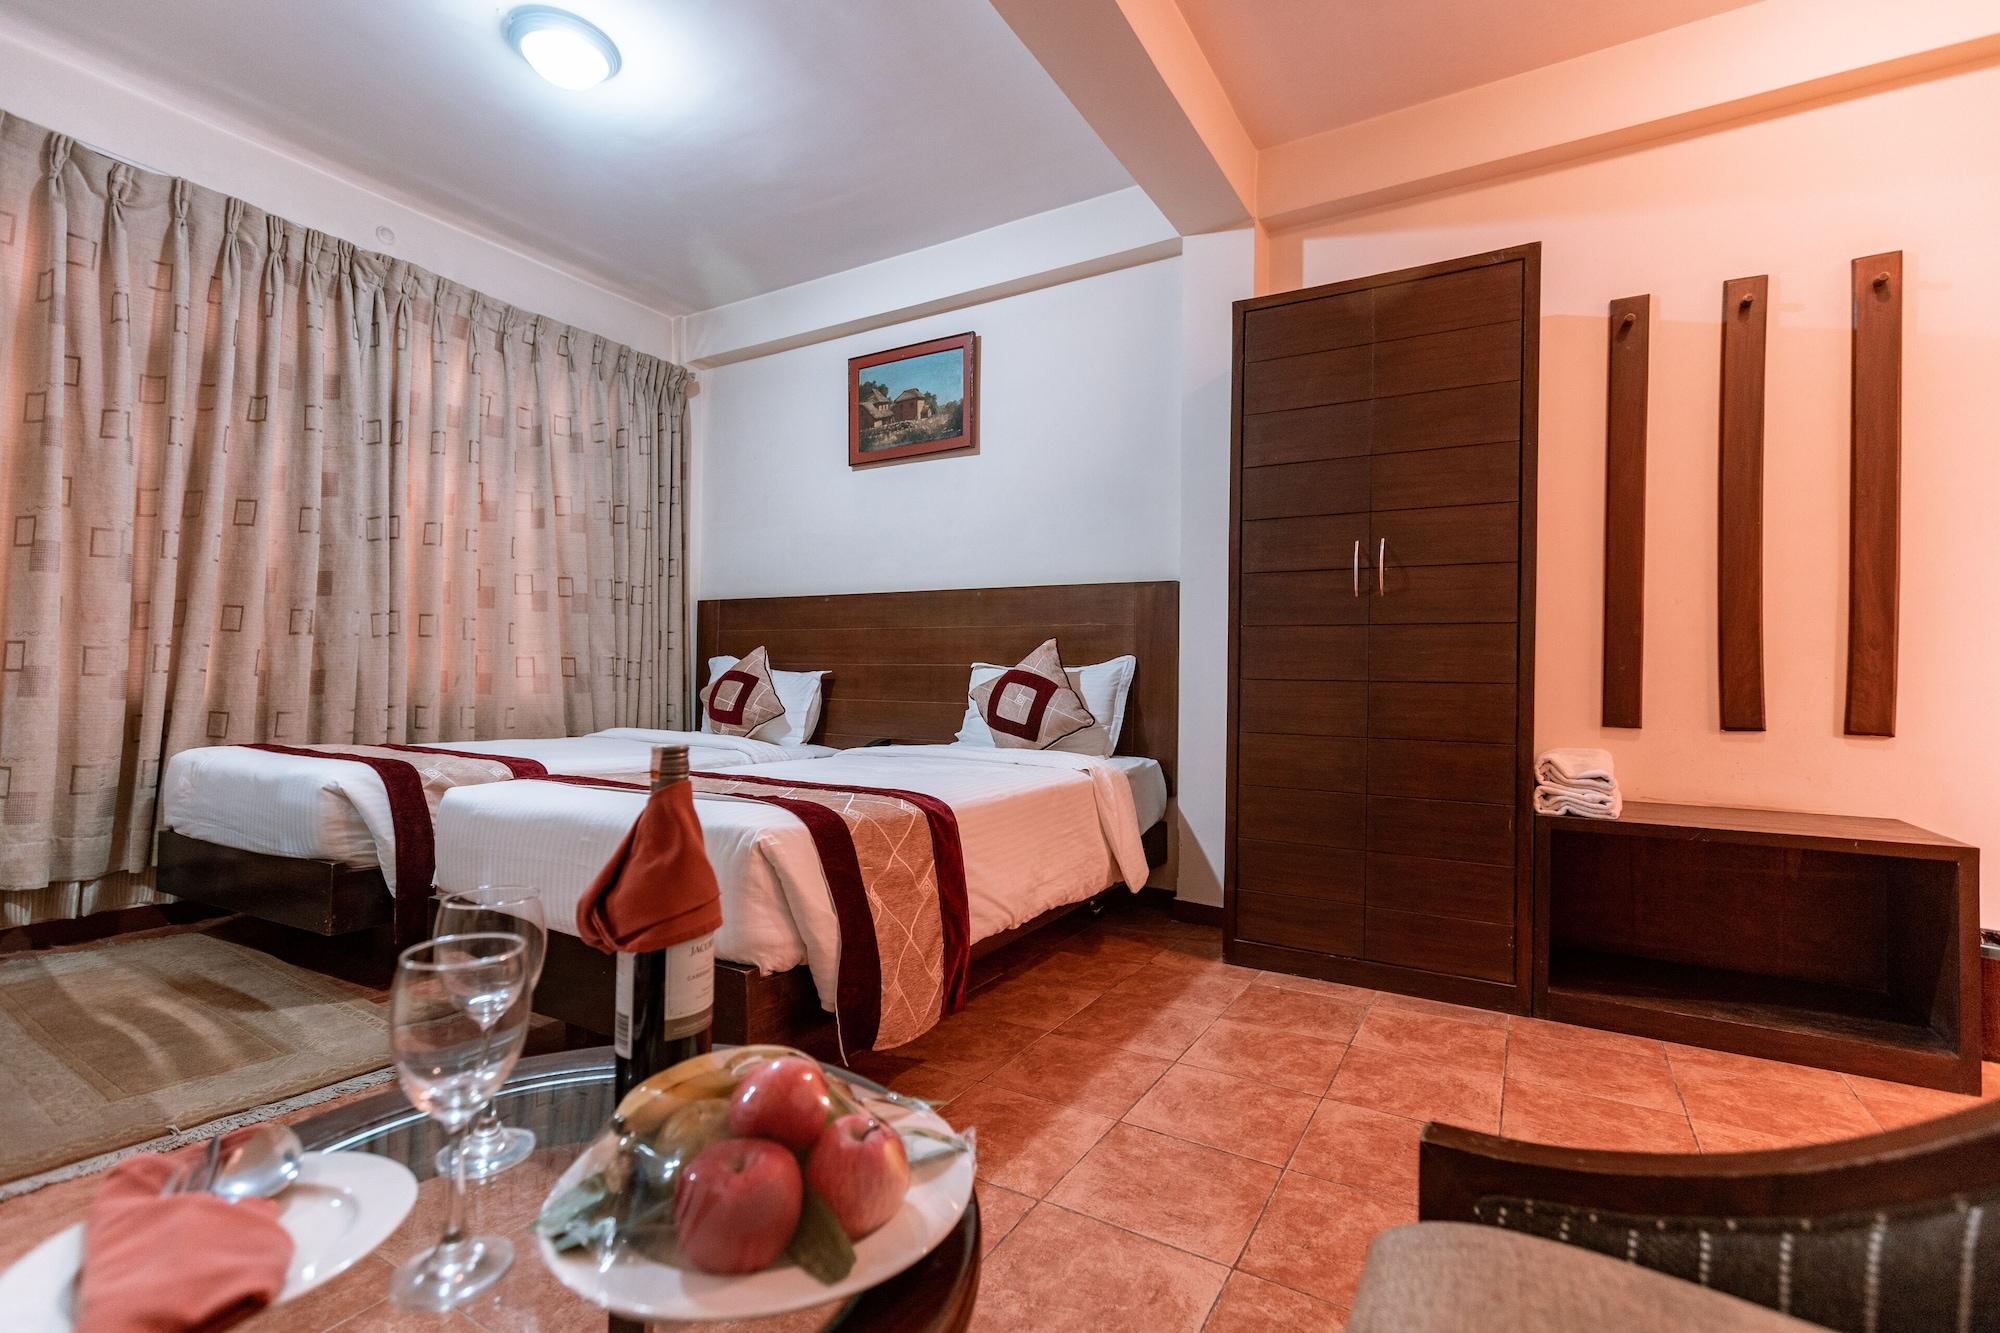 Hotel Manang Pvt. Ltd., Bagmati